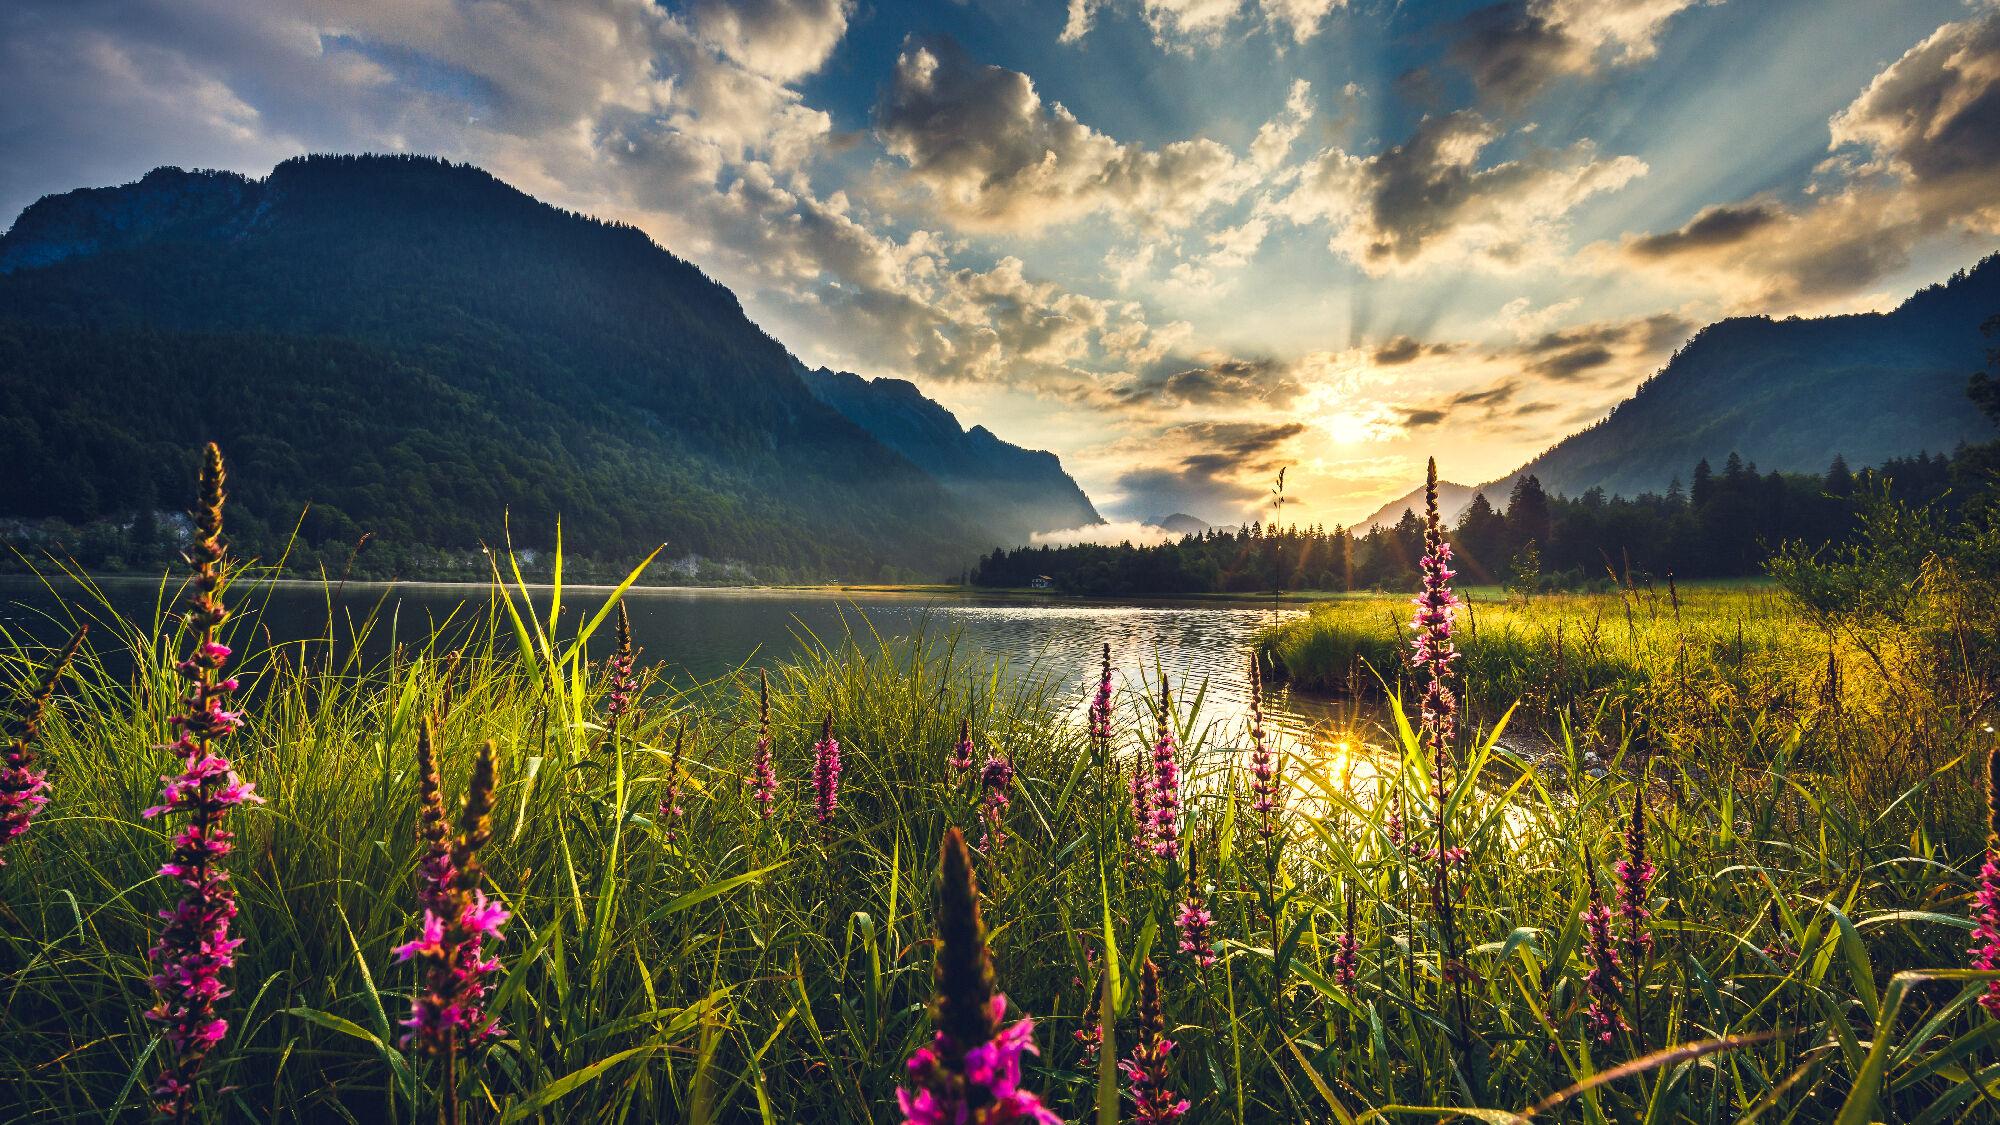 Traumhafte Landschaft im Chiemgau